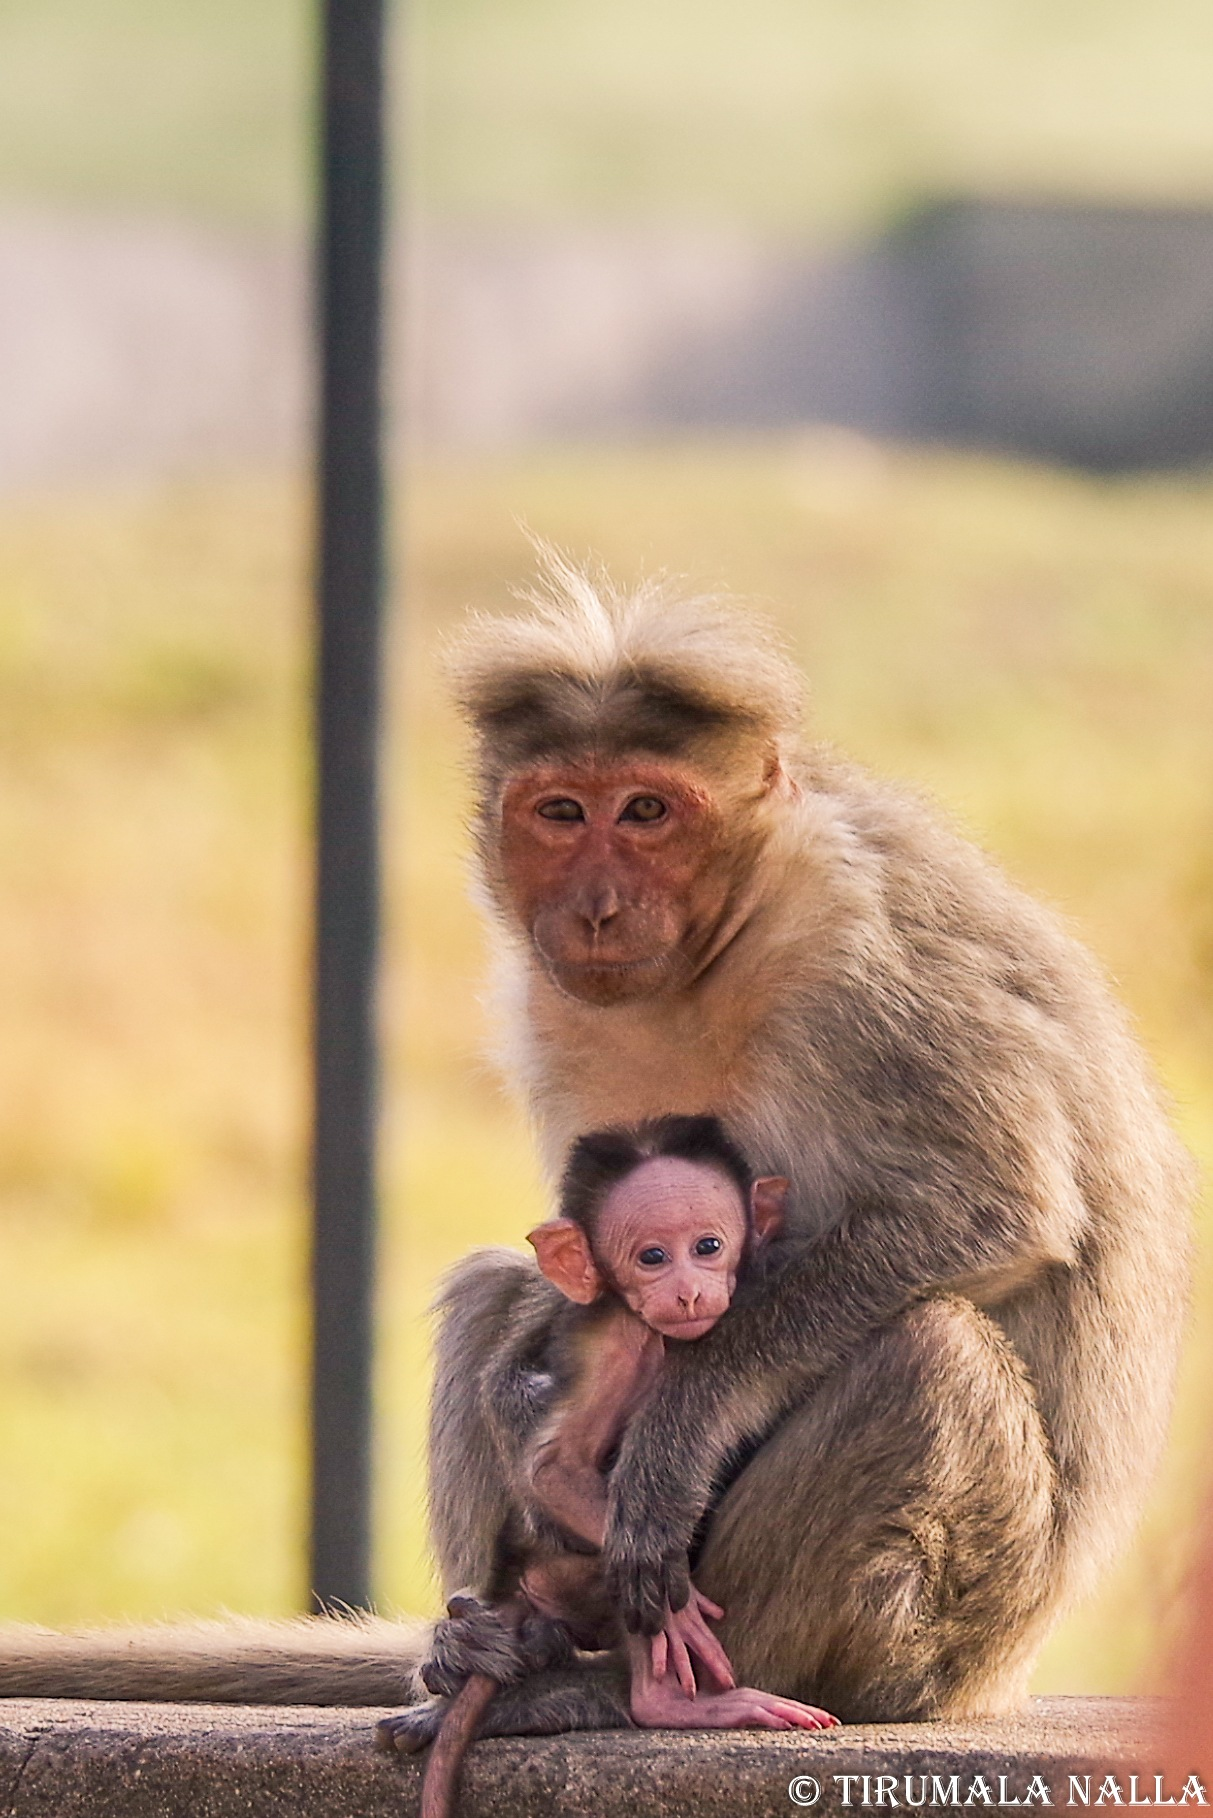 Mother's care by Tirumala Nalla